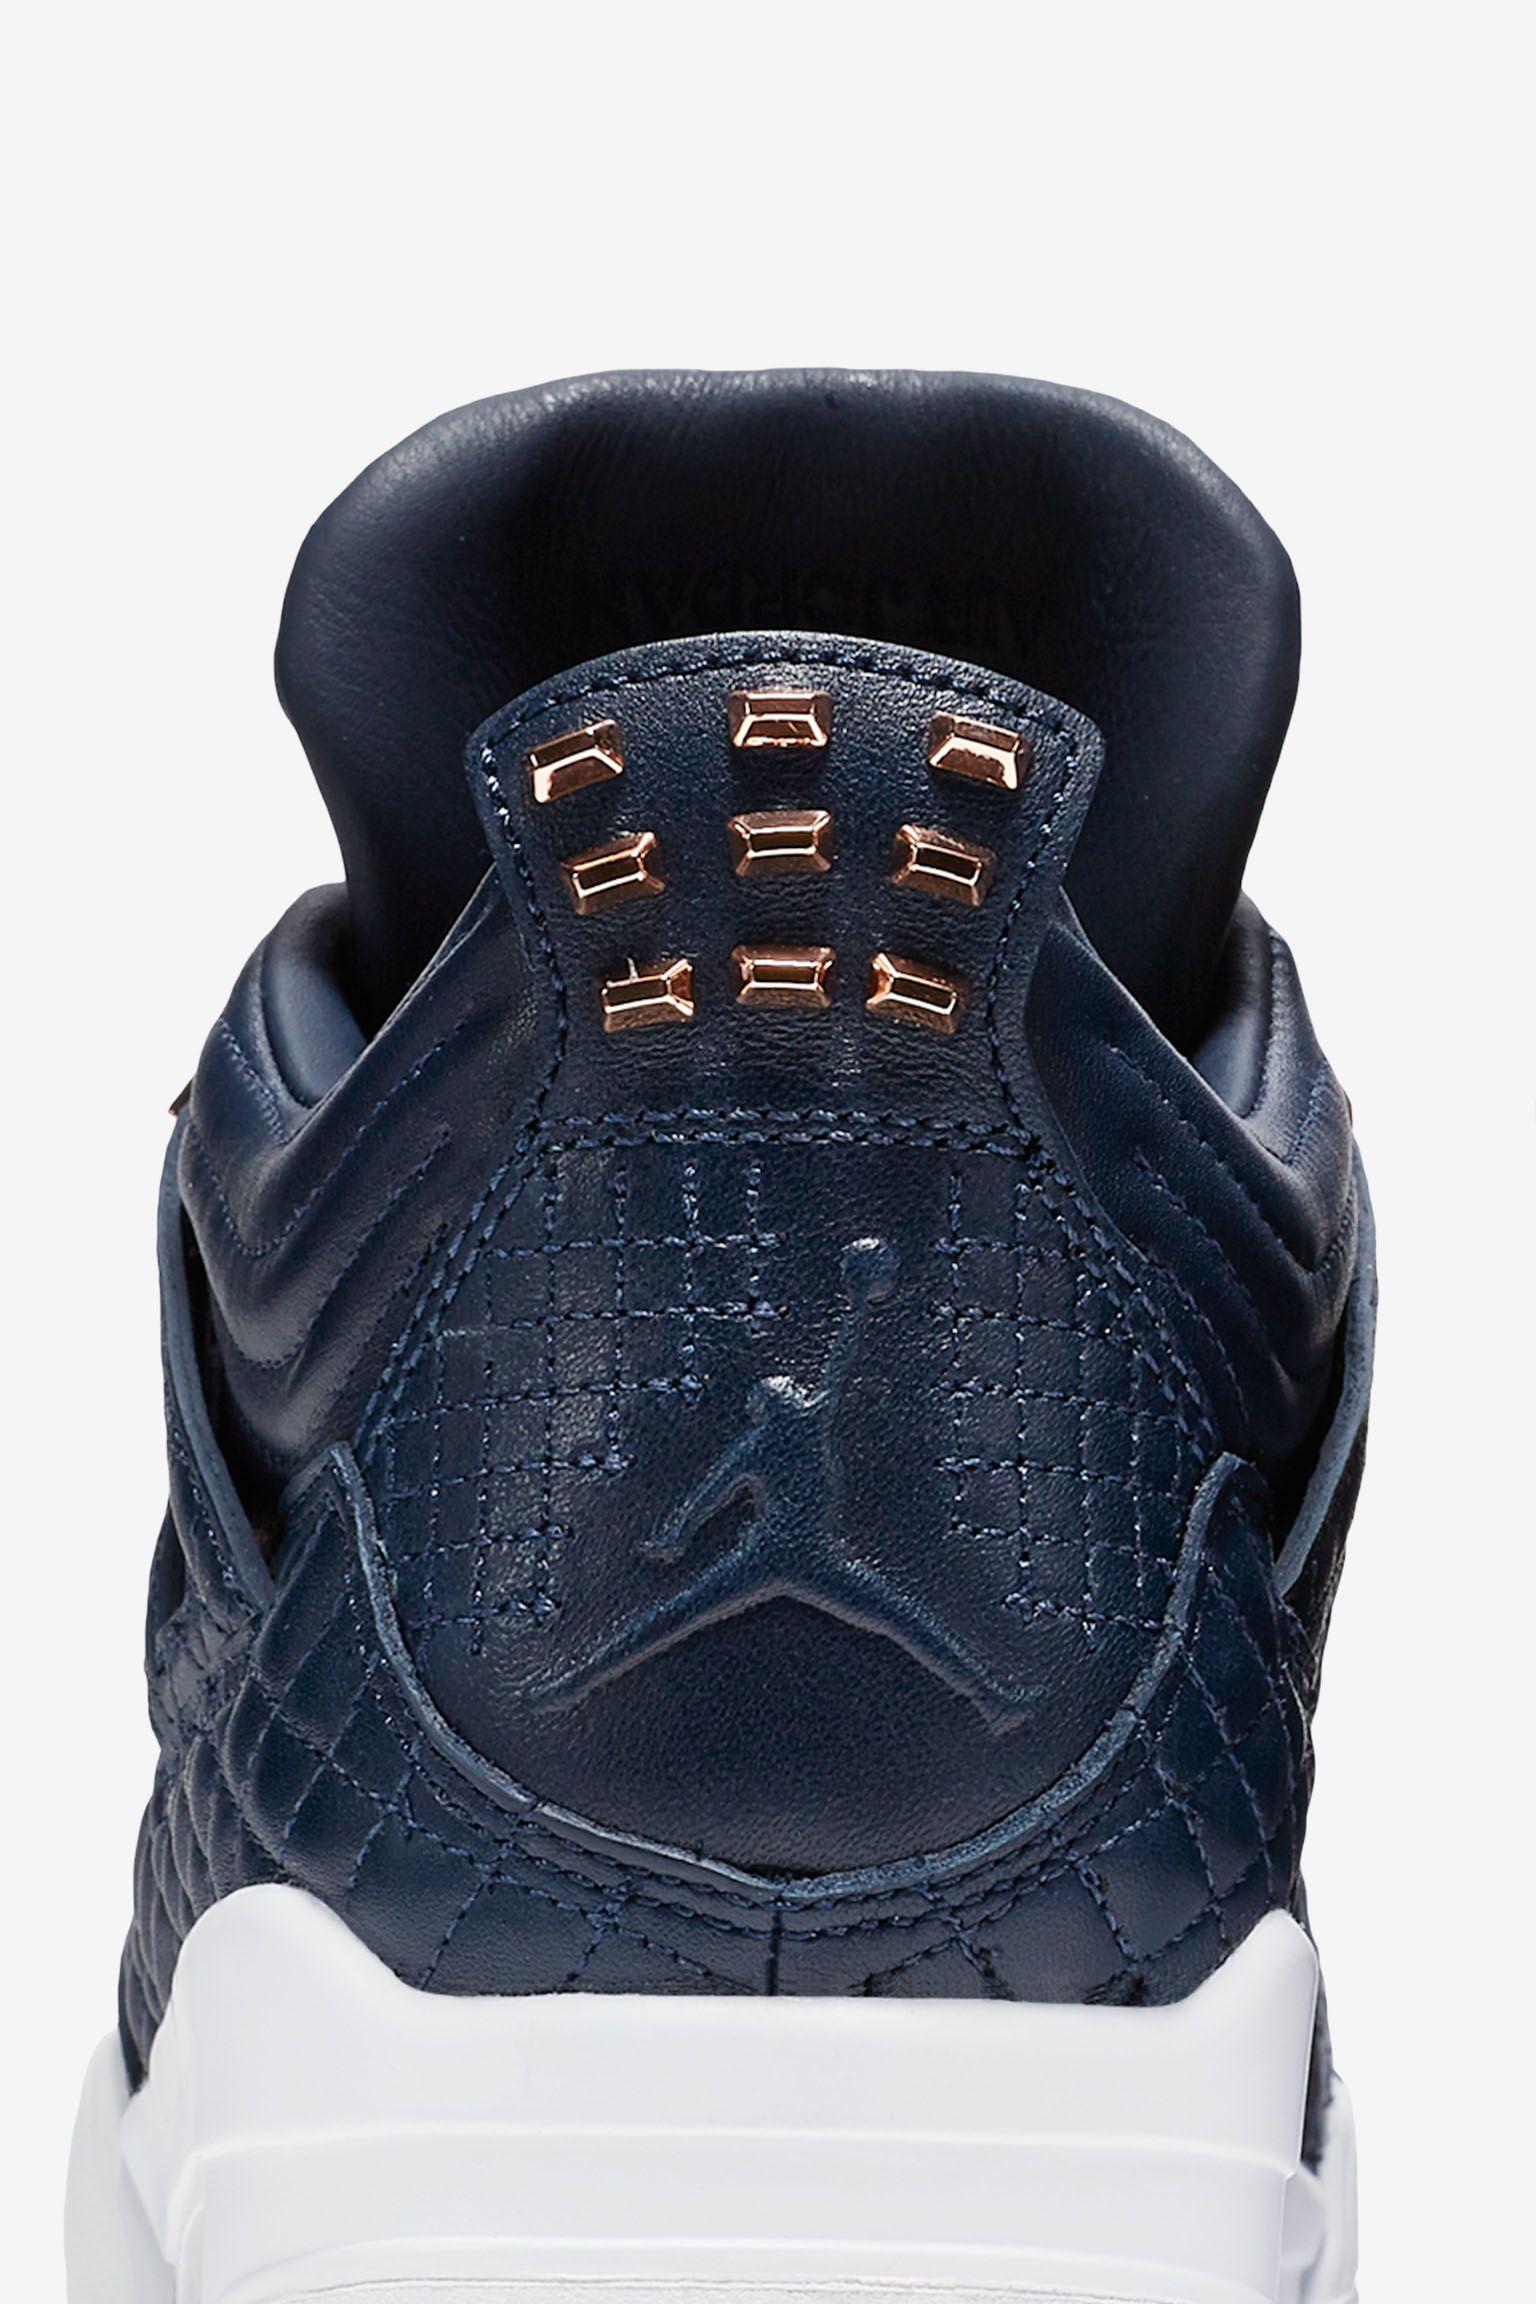 Air Jordan 4 Premium 'Obsidian' Release Date